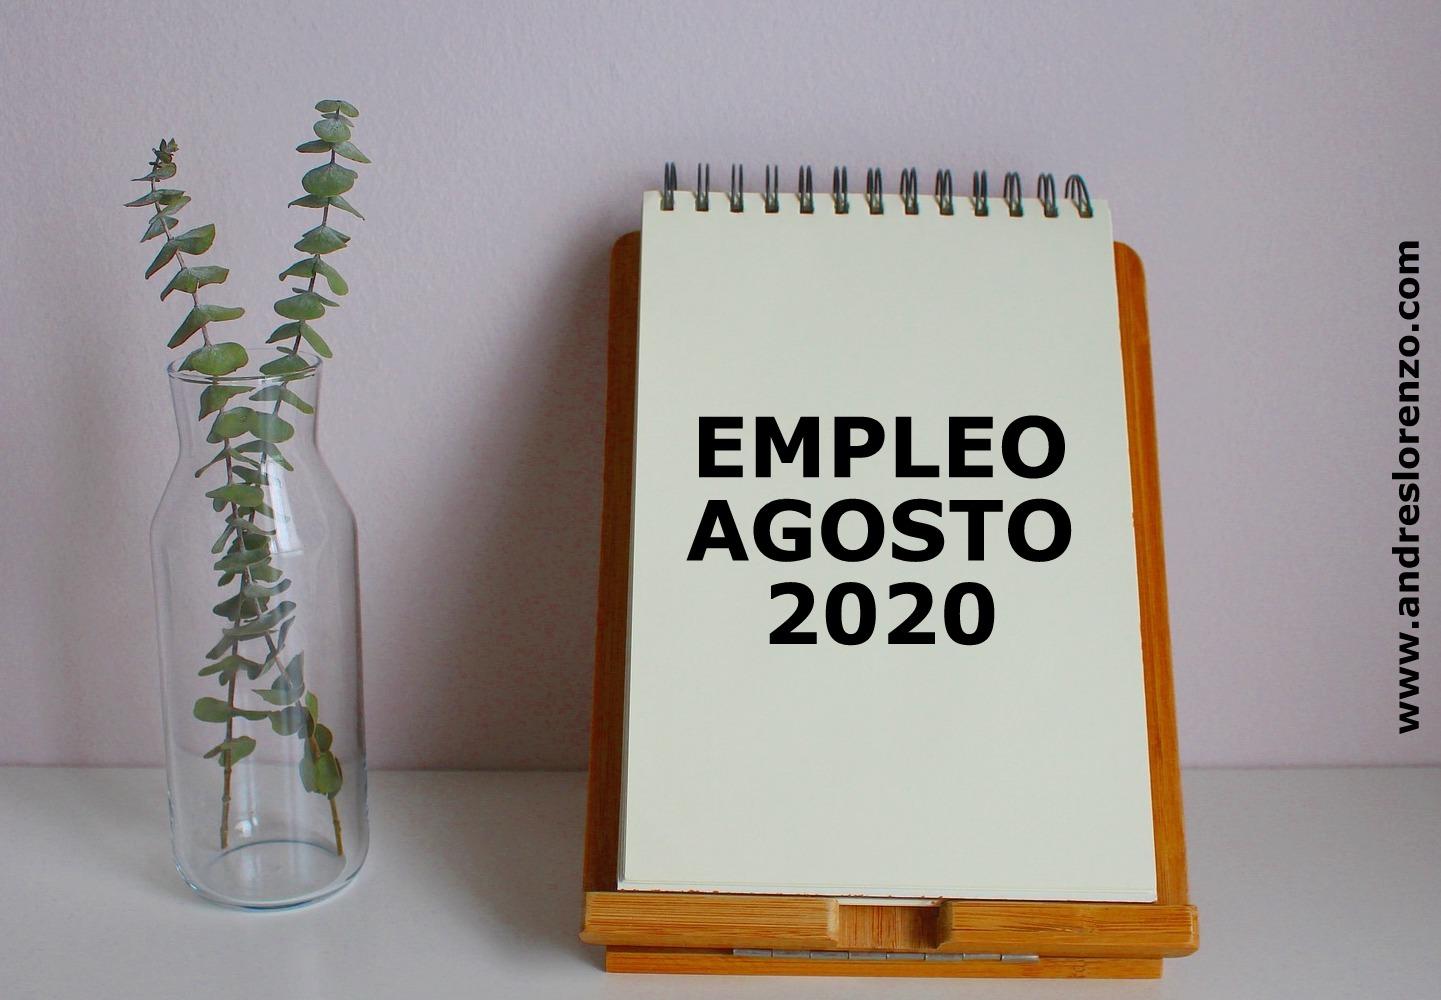 EMPLEO AGOSTO 2020